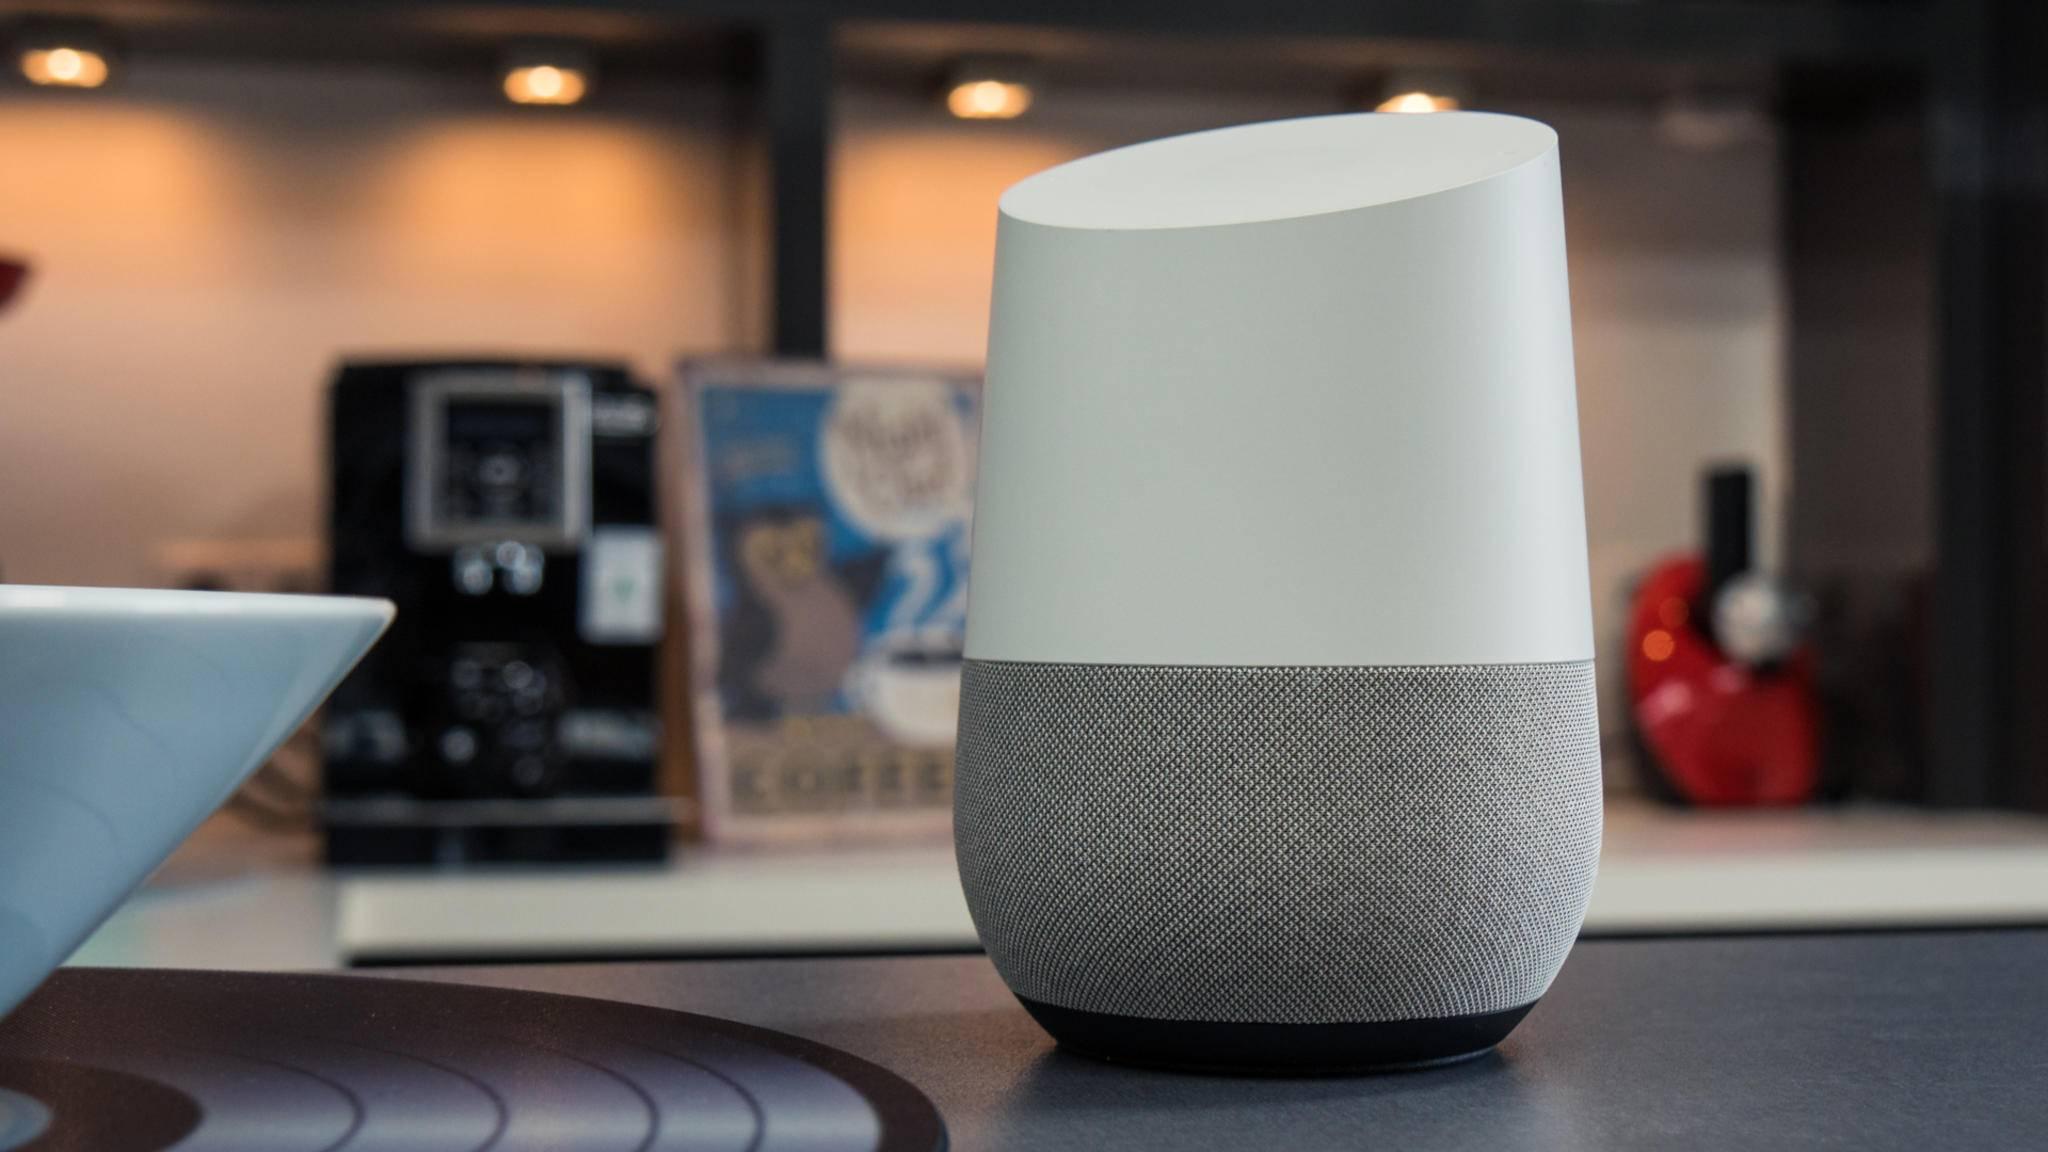 Derzeit wohl die beste Alternative zu Amazon Echo: der Google Home.